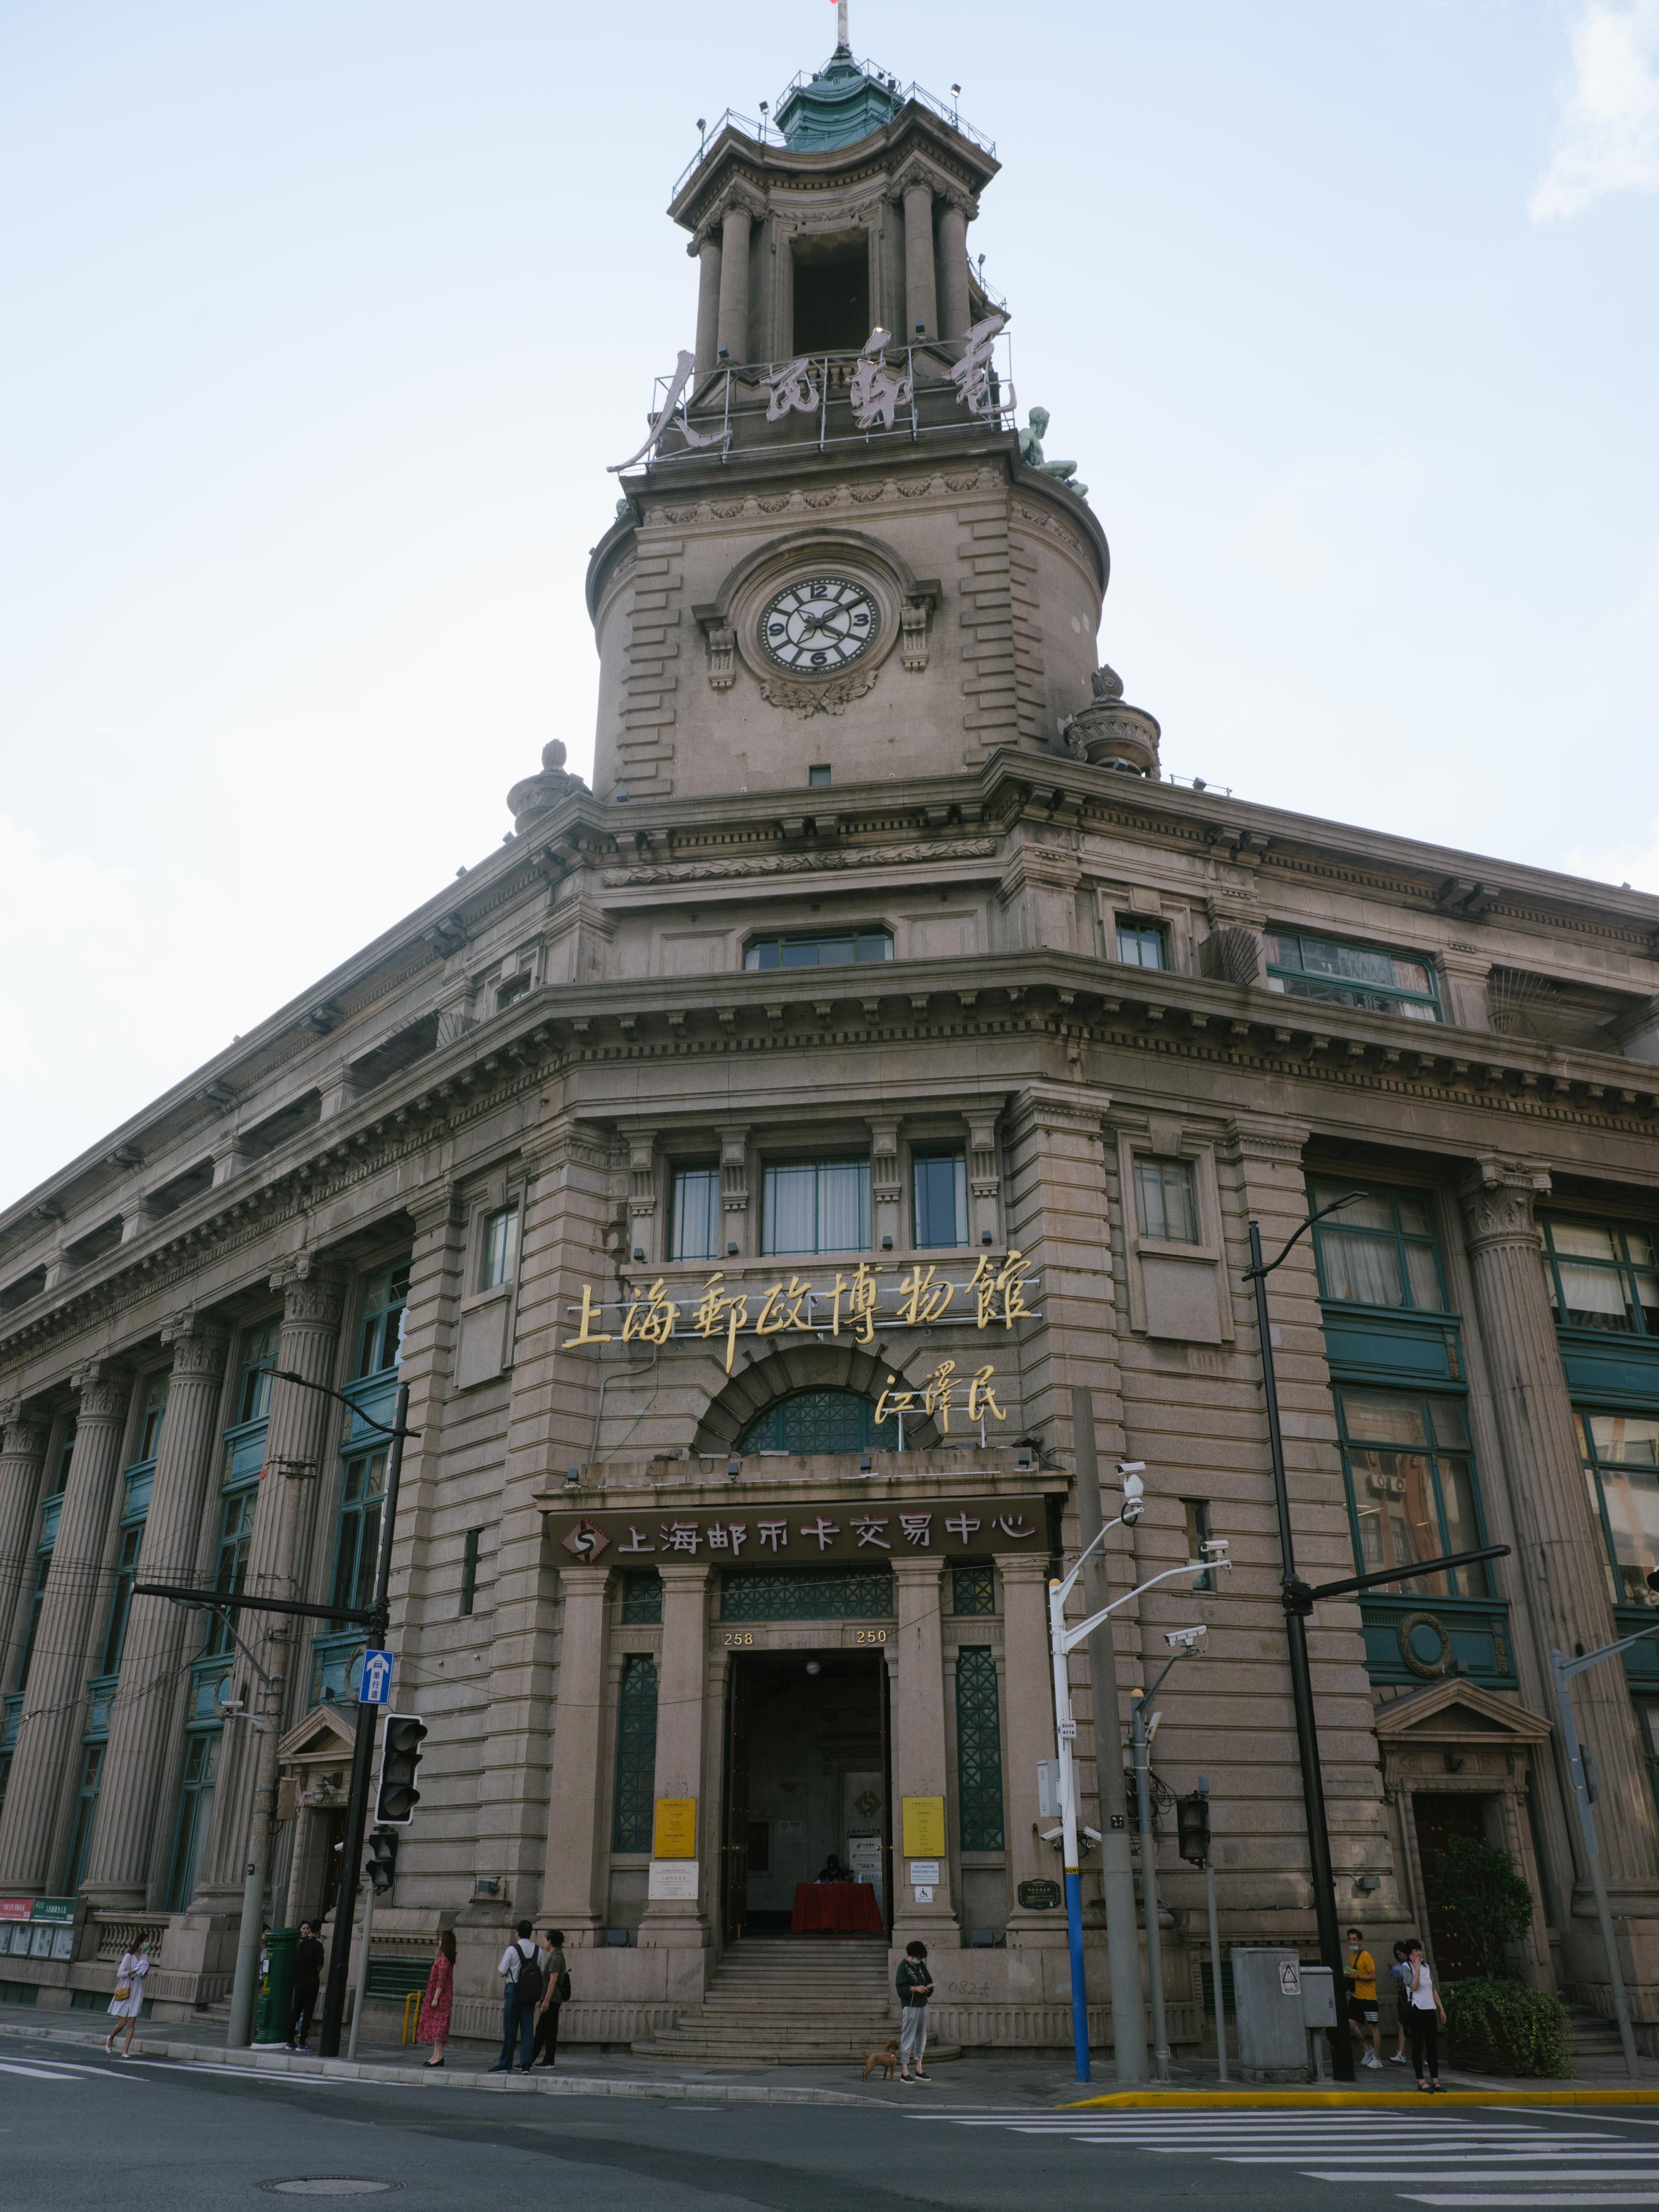 上海邮政博物馆。 澎湃新闻记者 周平浪 图